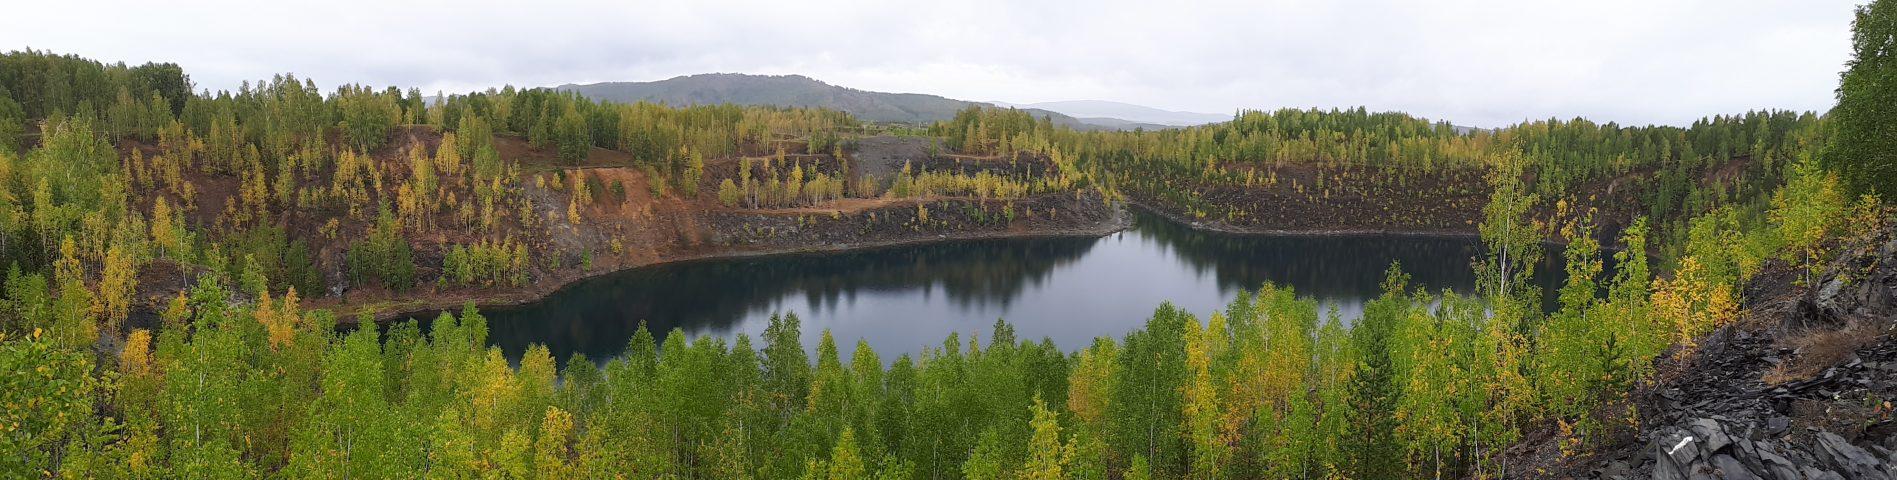 Село Миндяк